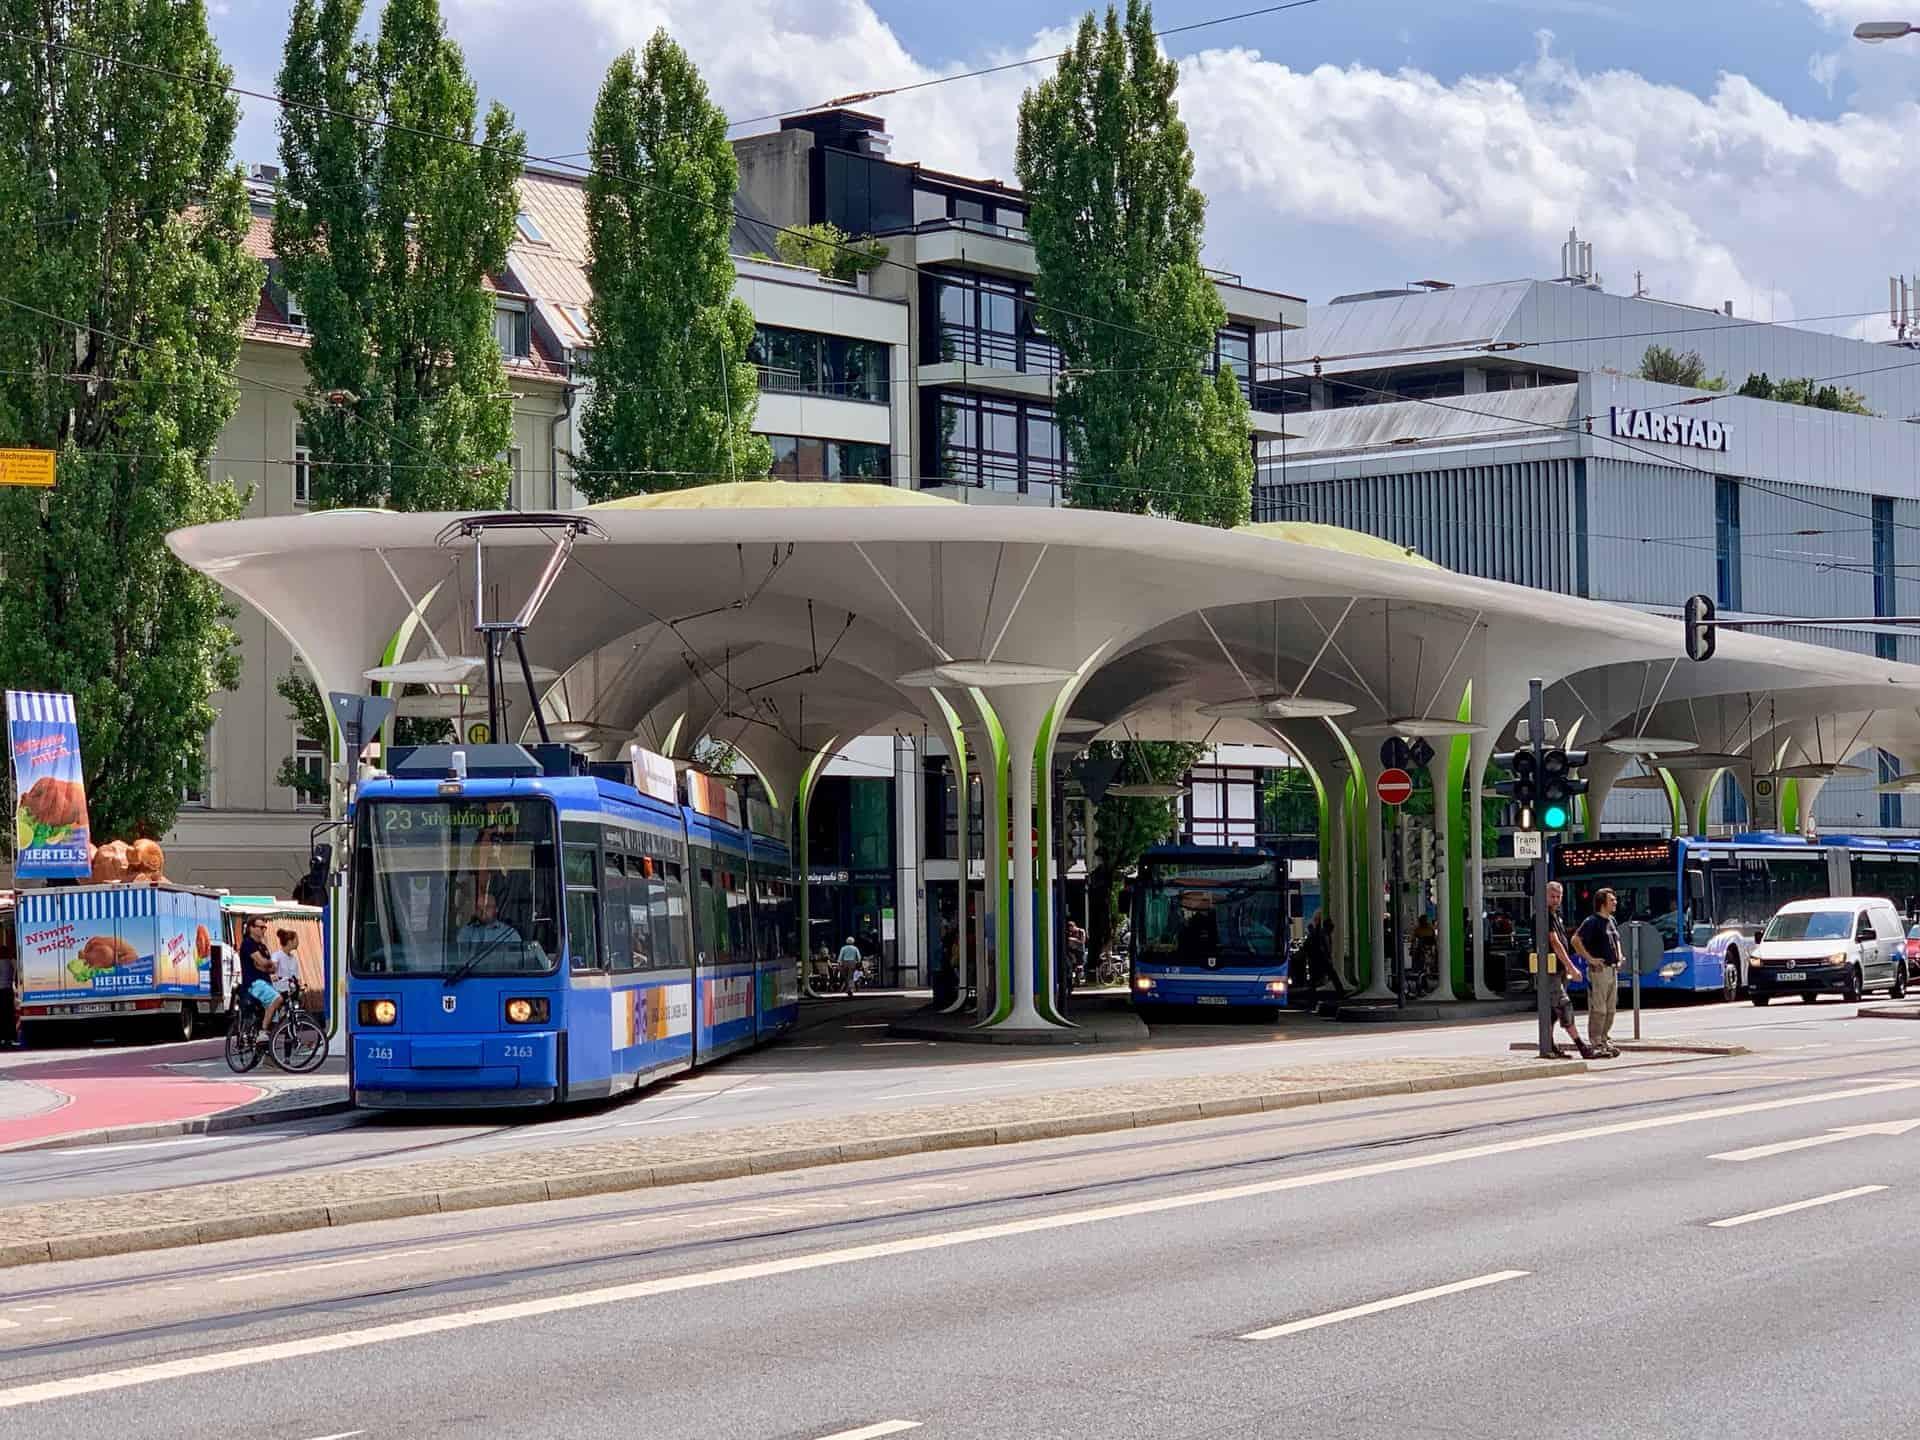 Münchner_Freiheit_Tram_Bus_Bahnhof